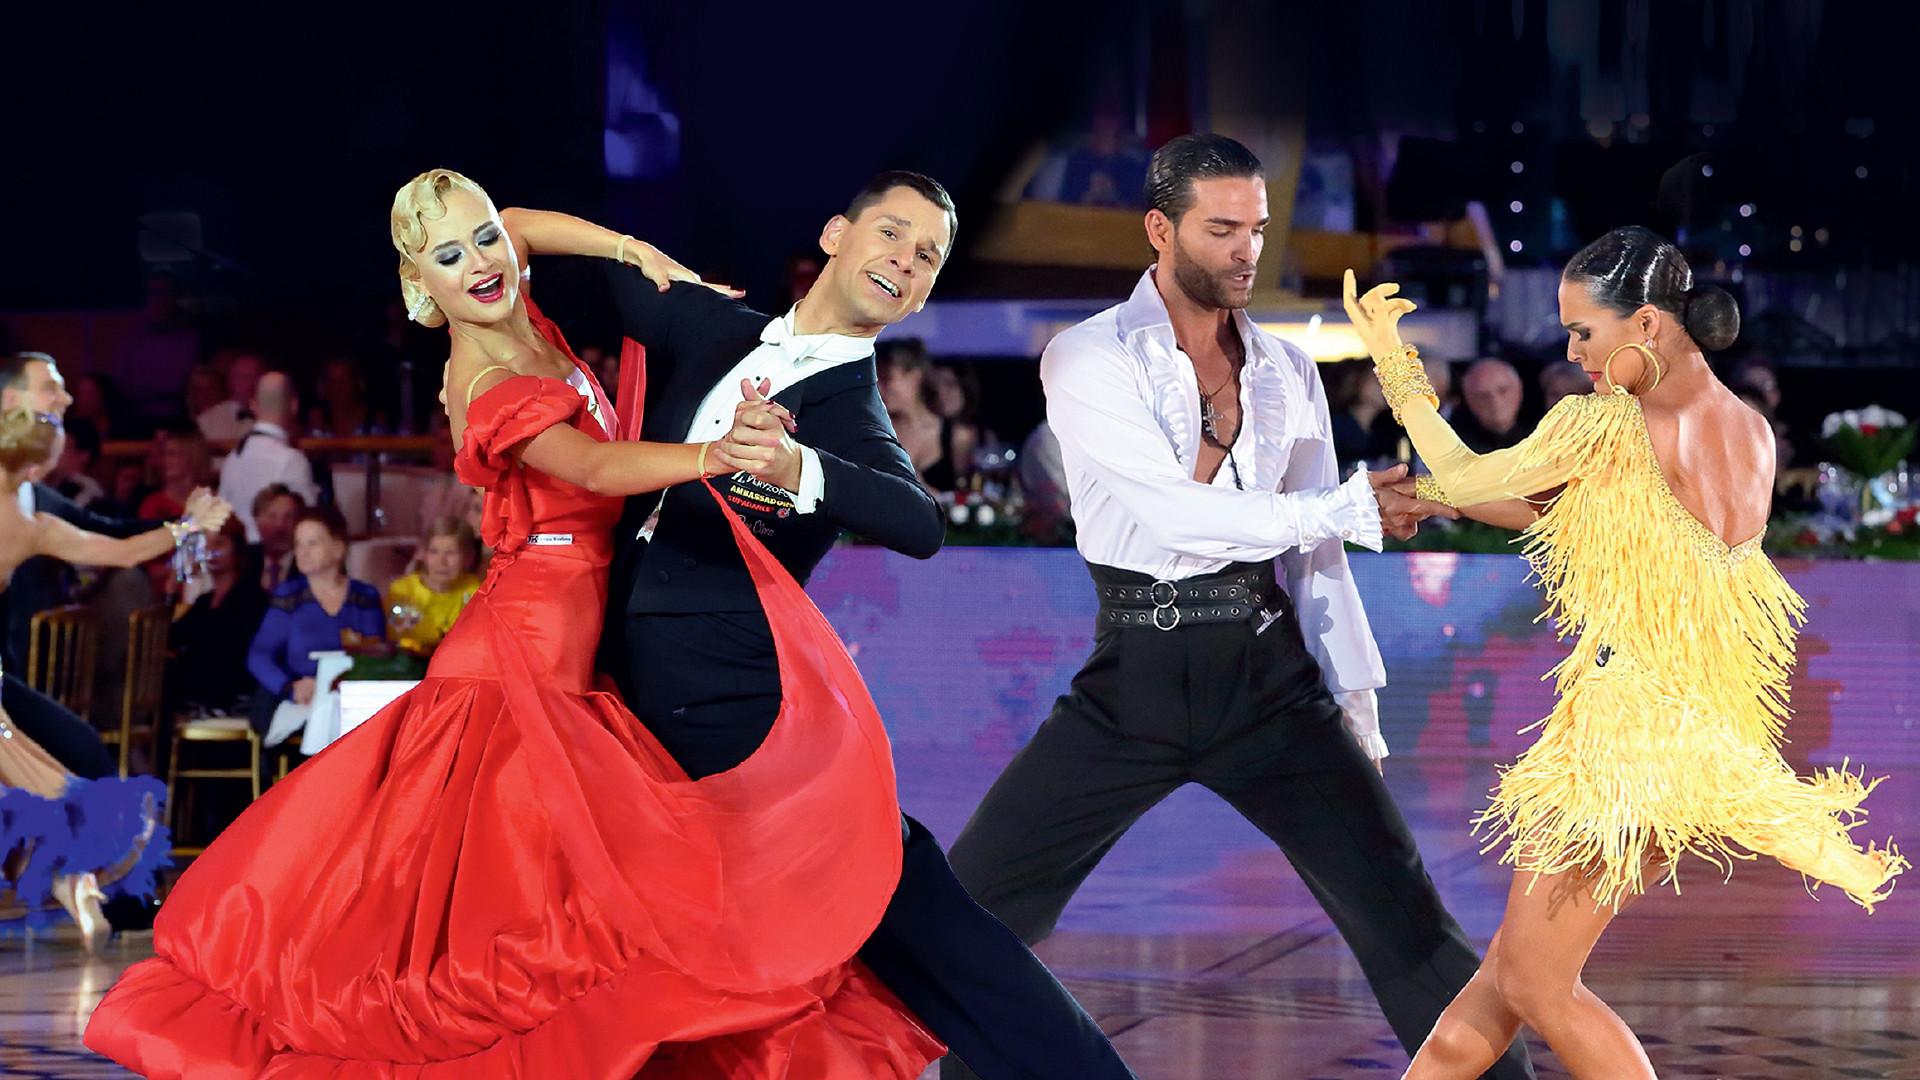 Кубок Мира по европейским и латиноамериканским танцам среди профессионалов